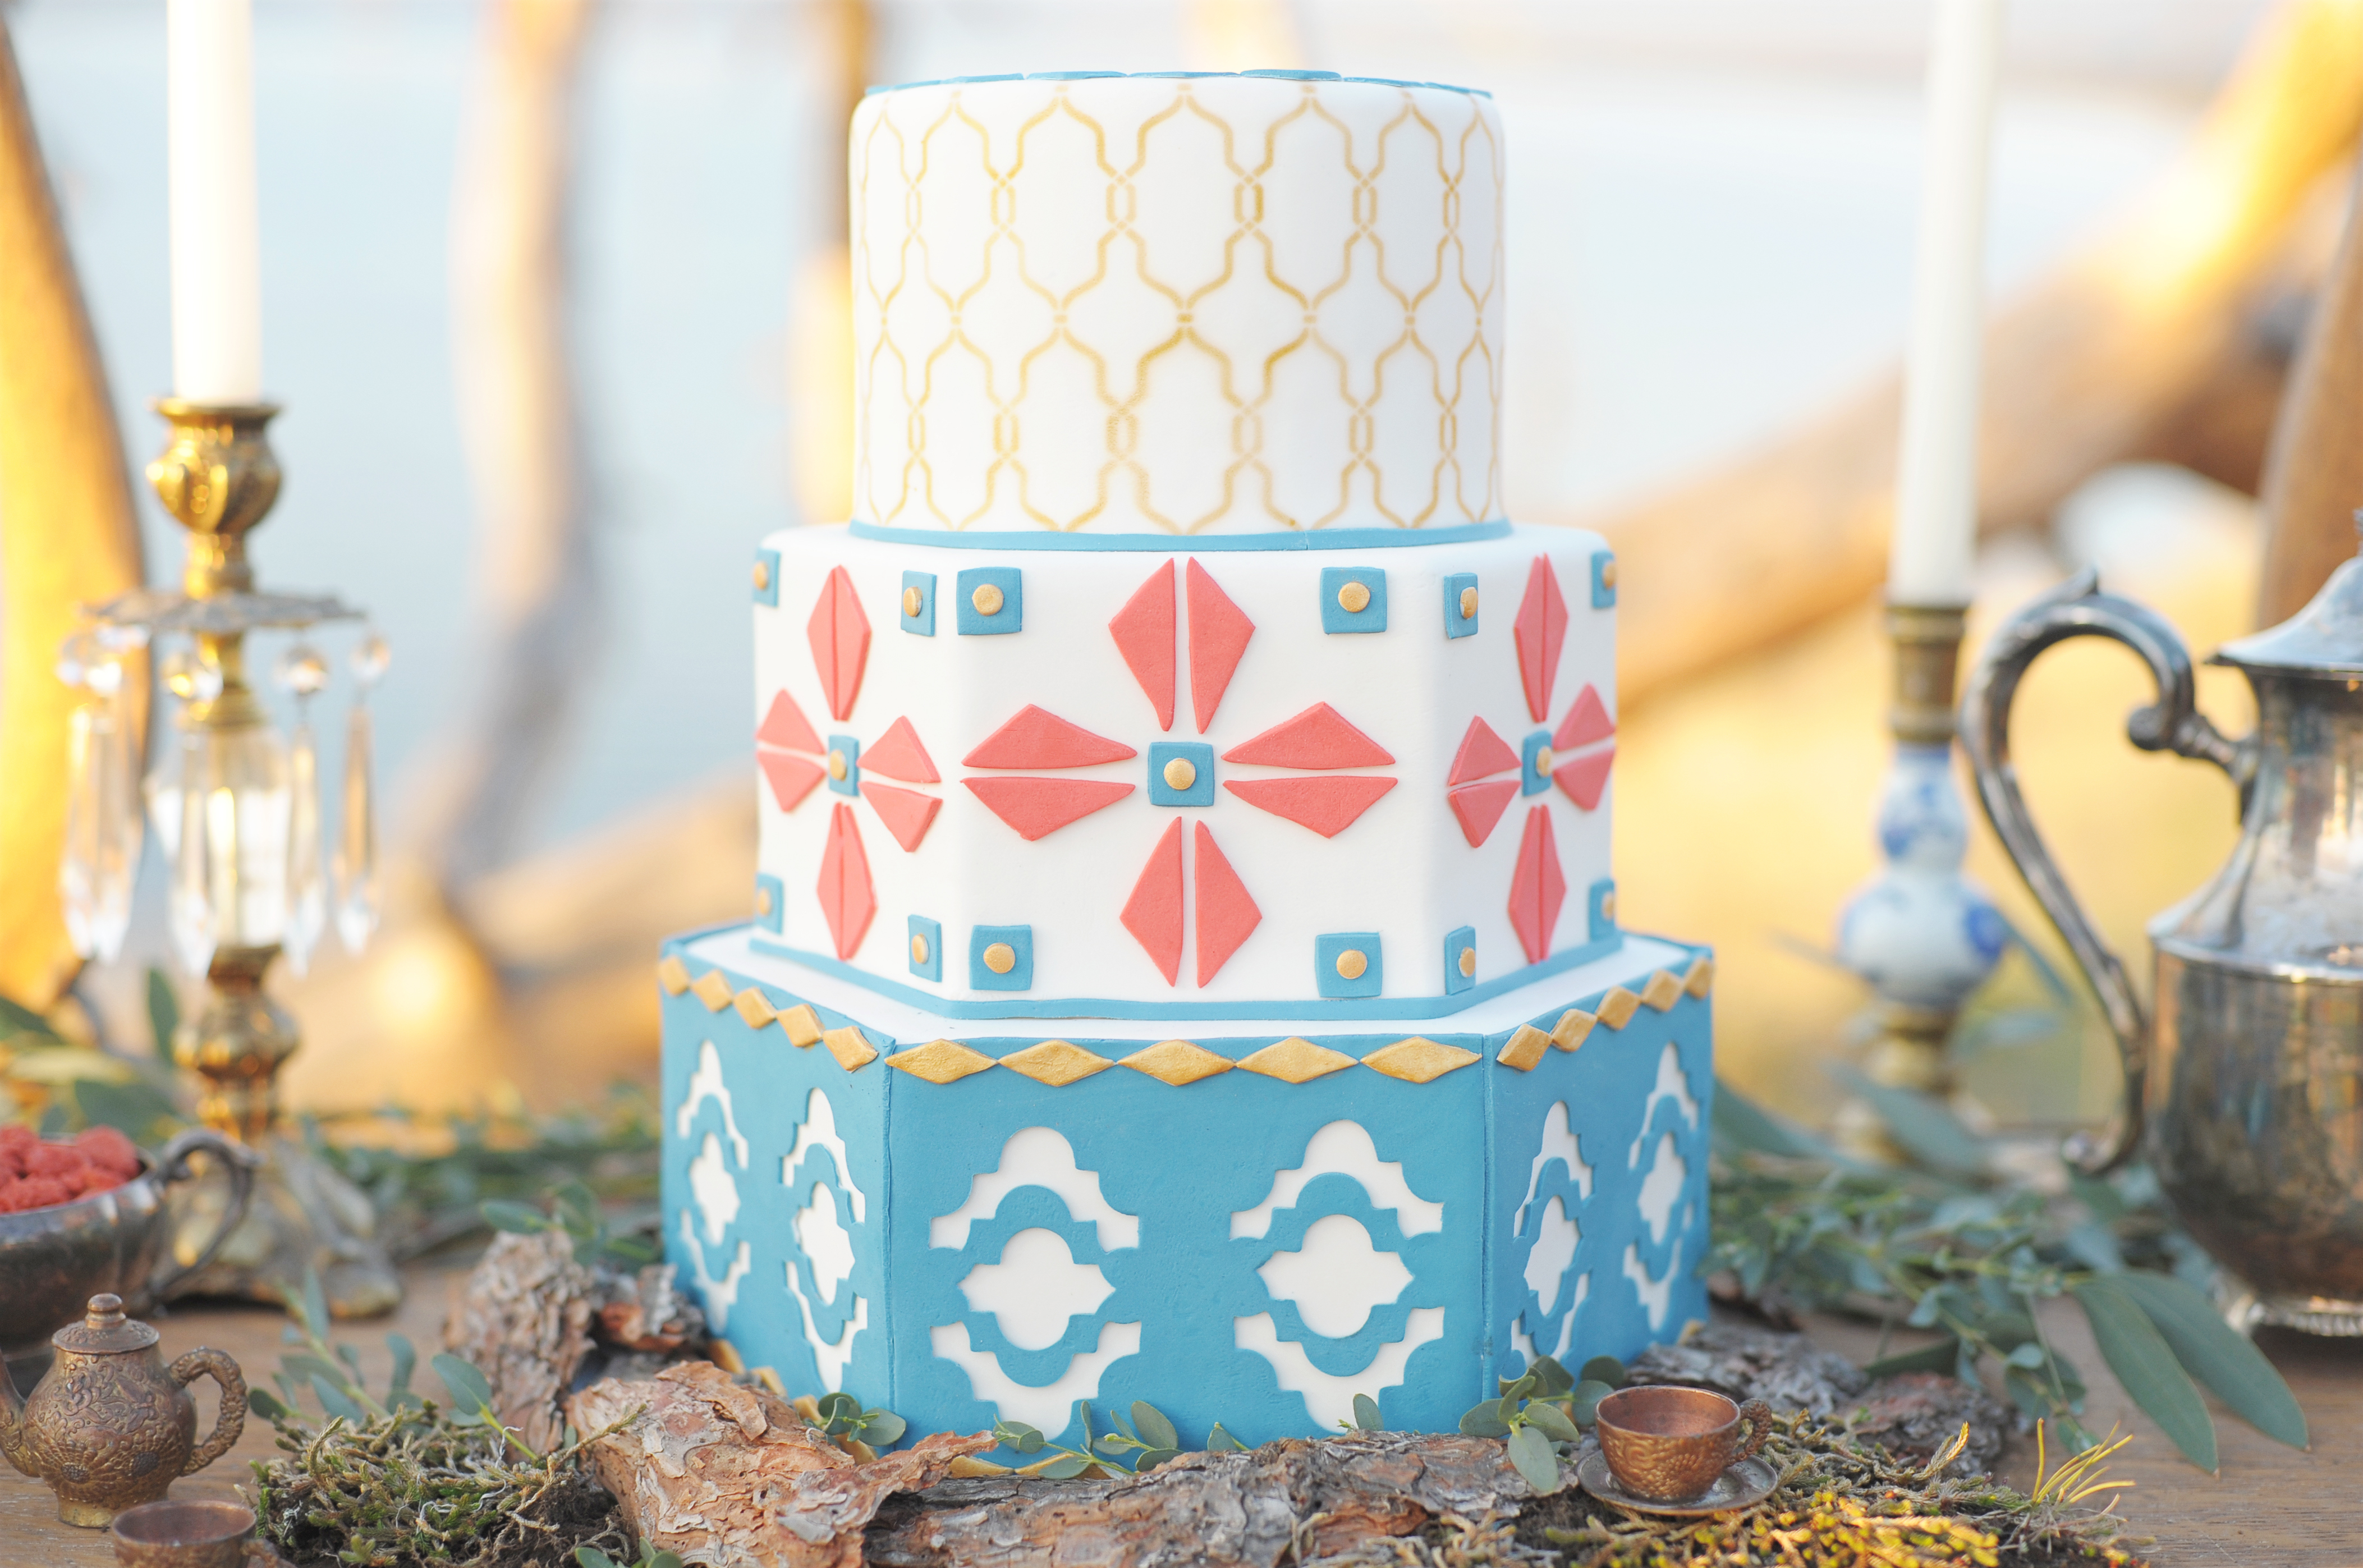 Tribal patterned boho wedding cake